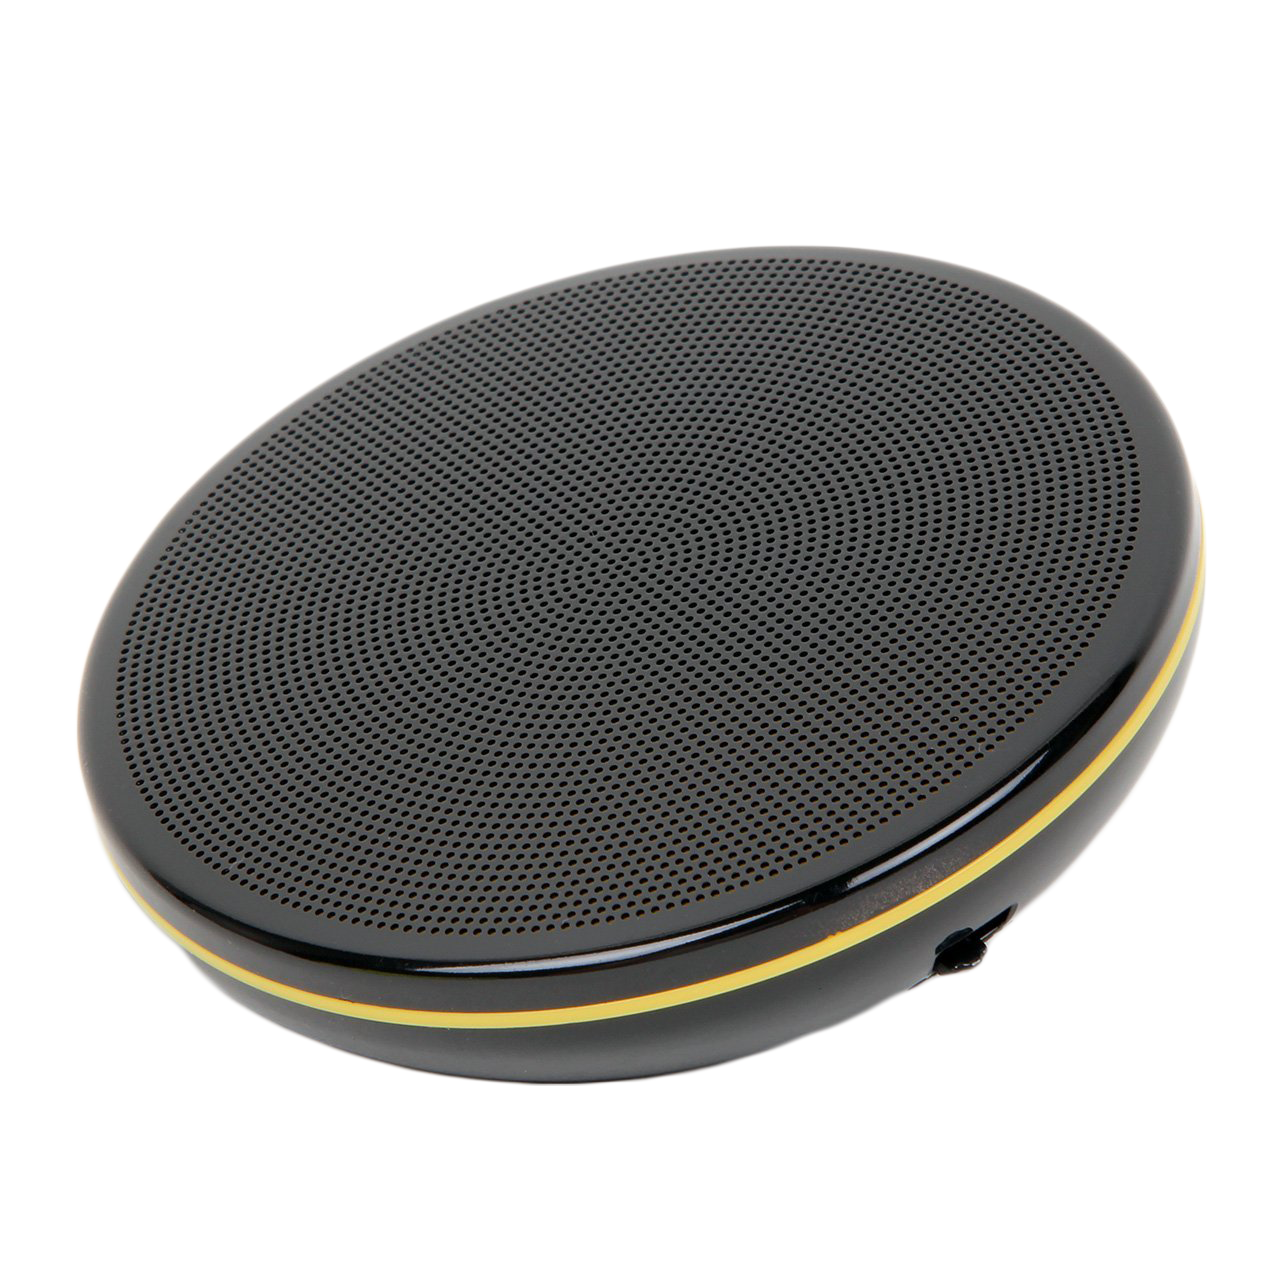 ขาย FiiO S1 ลำโพงพกพา มีแบตในตัวชาร์จไฟได้สำหรับ iPod, iPhone, iPad and MP3 Players